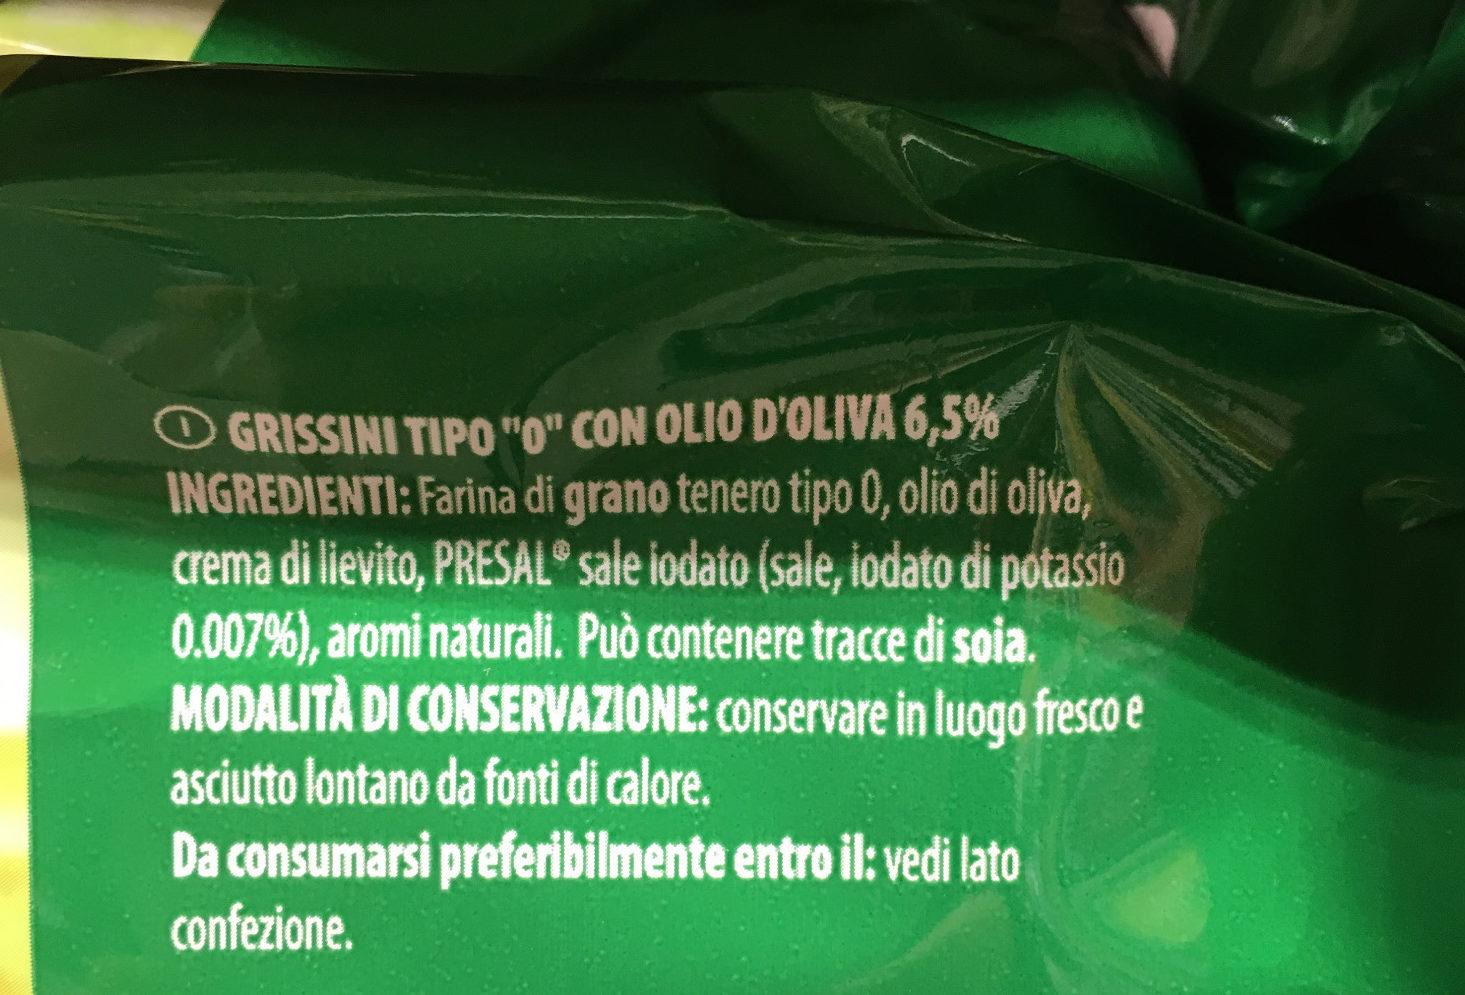 Grissini rustici Despar - Ingredients - it